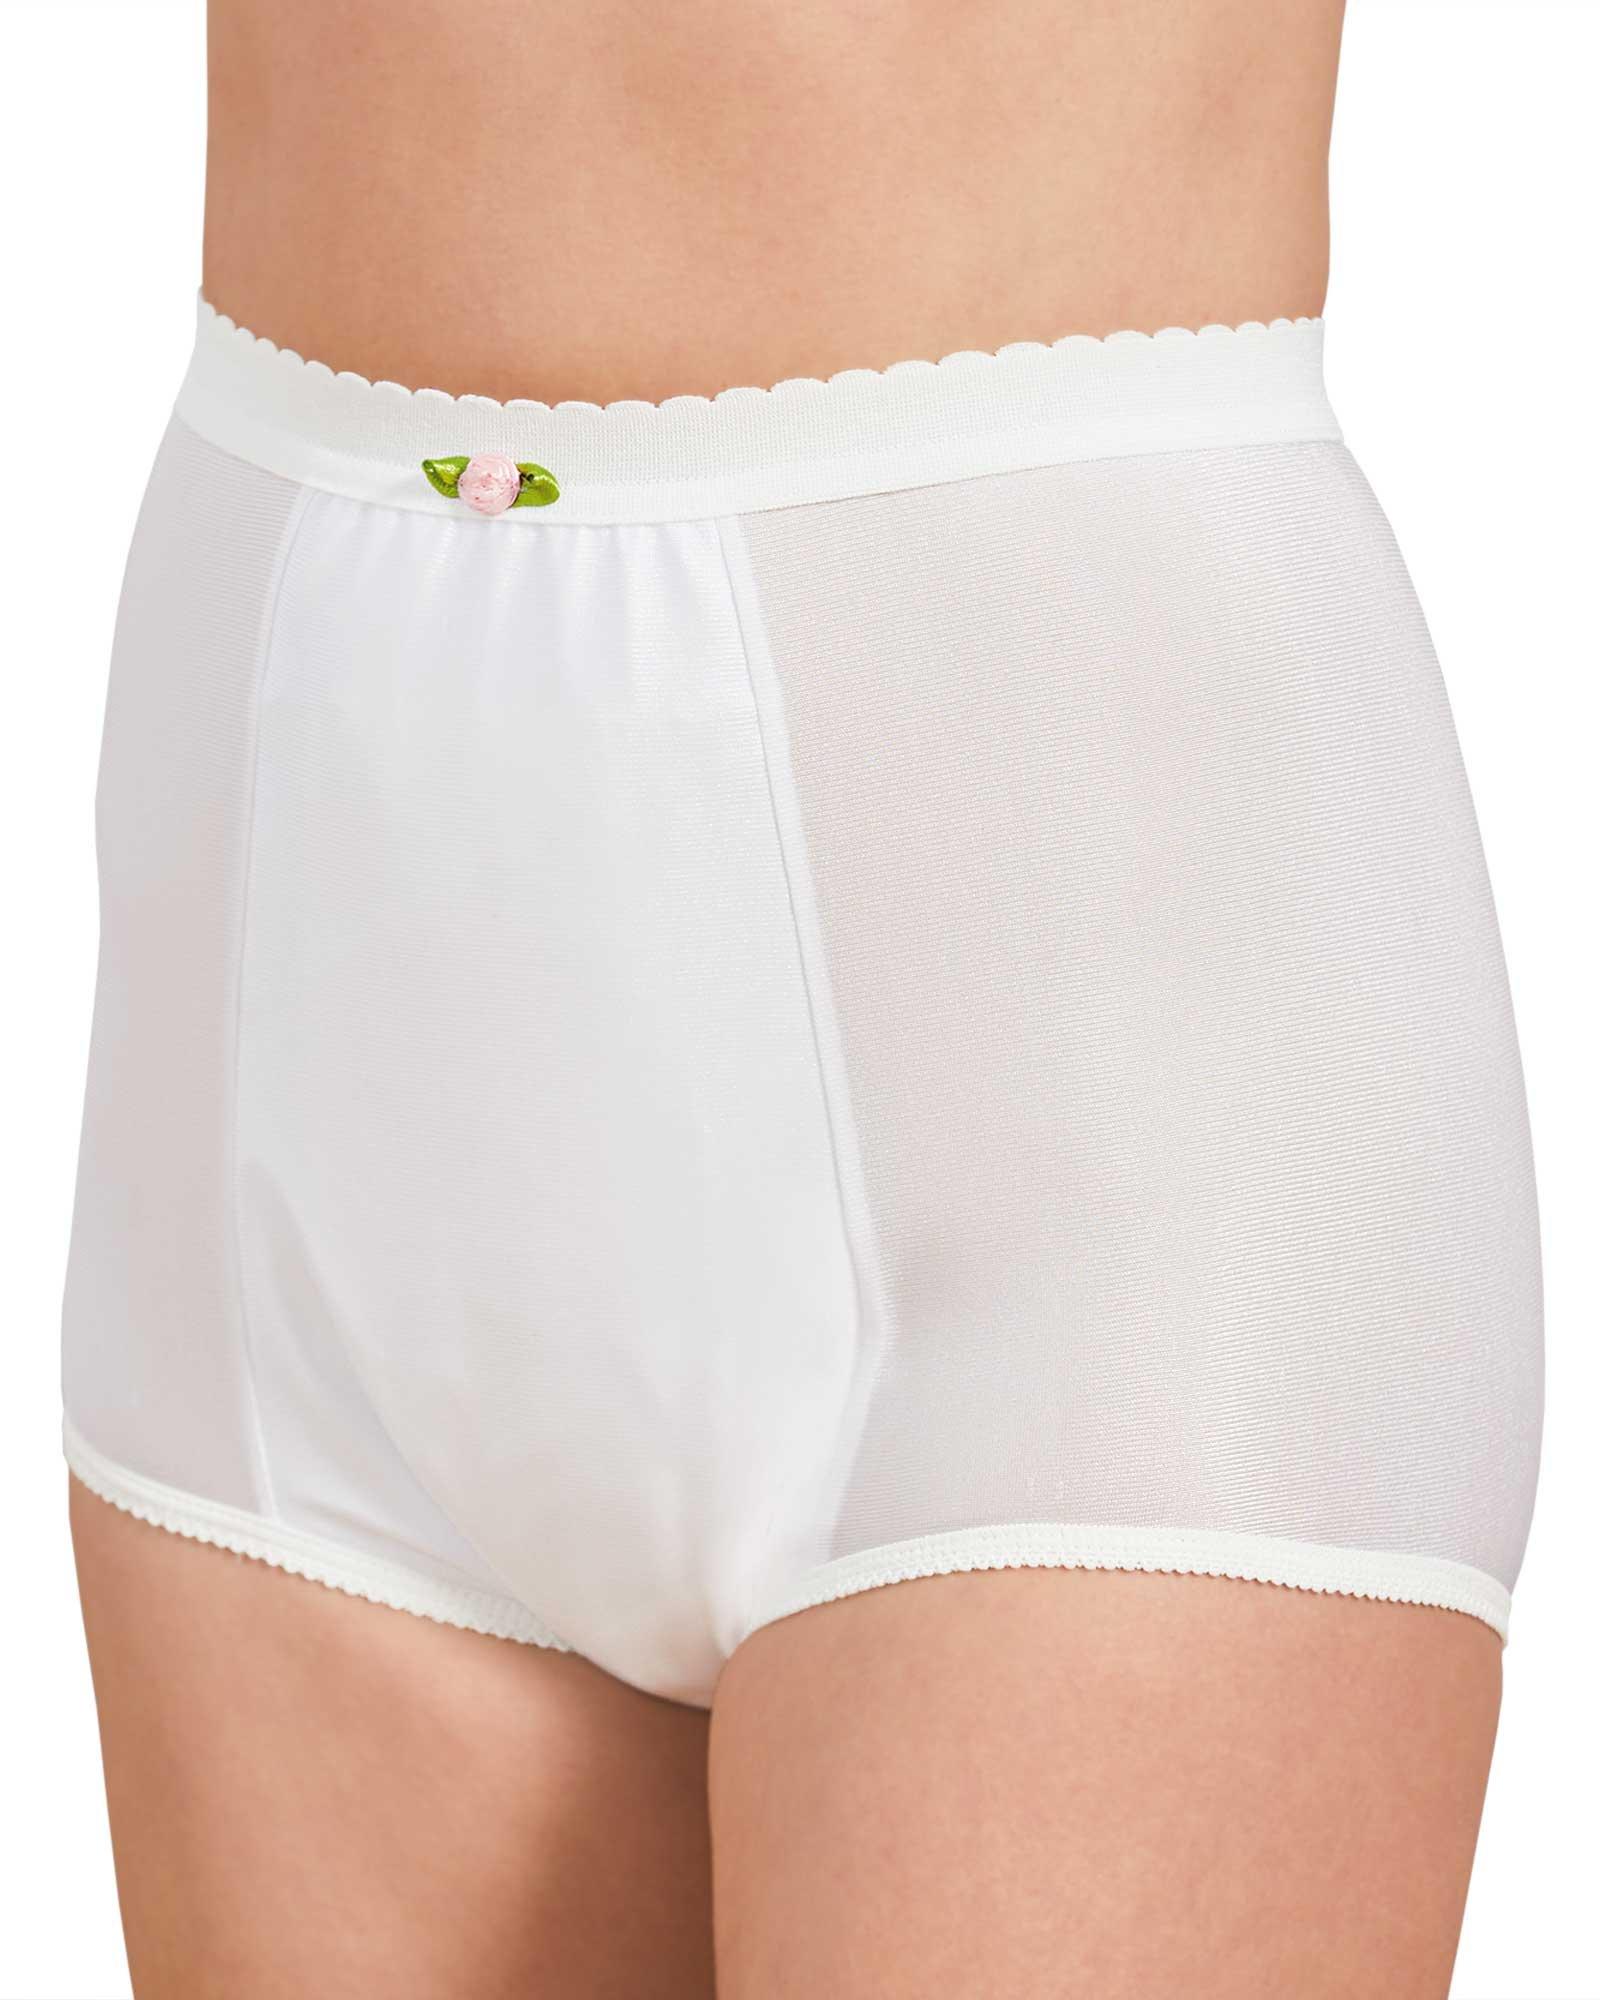 Health Dri Nylon Heavy Duty Incontinence Panty, White, 8 - Nylon by Health Dri (Image #1)